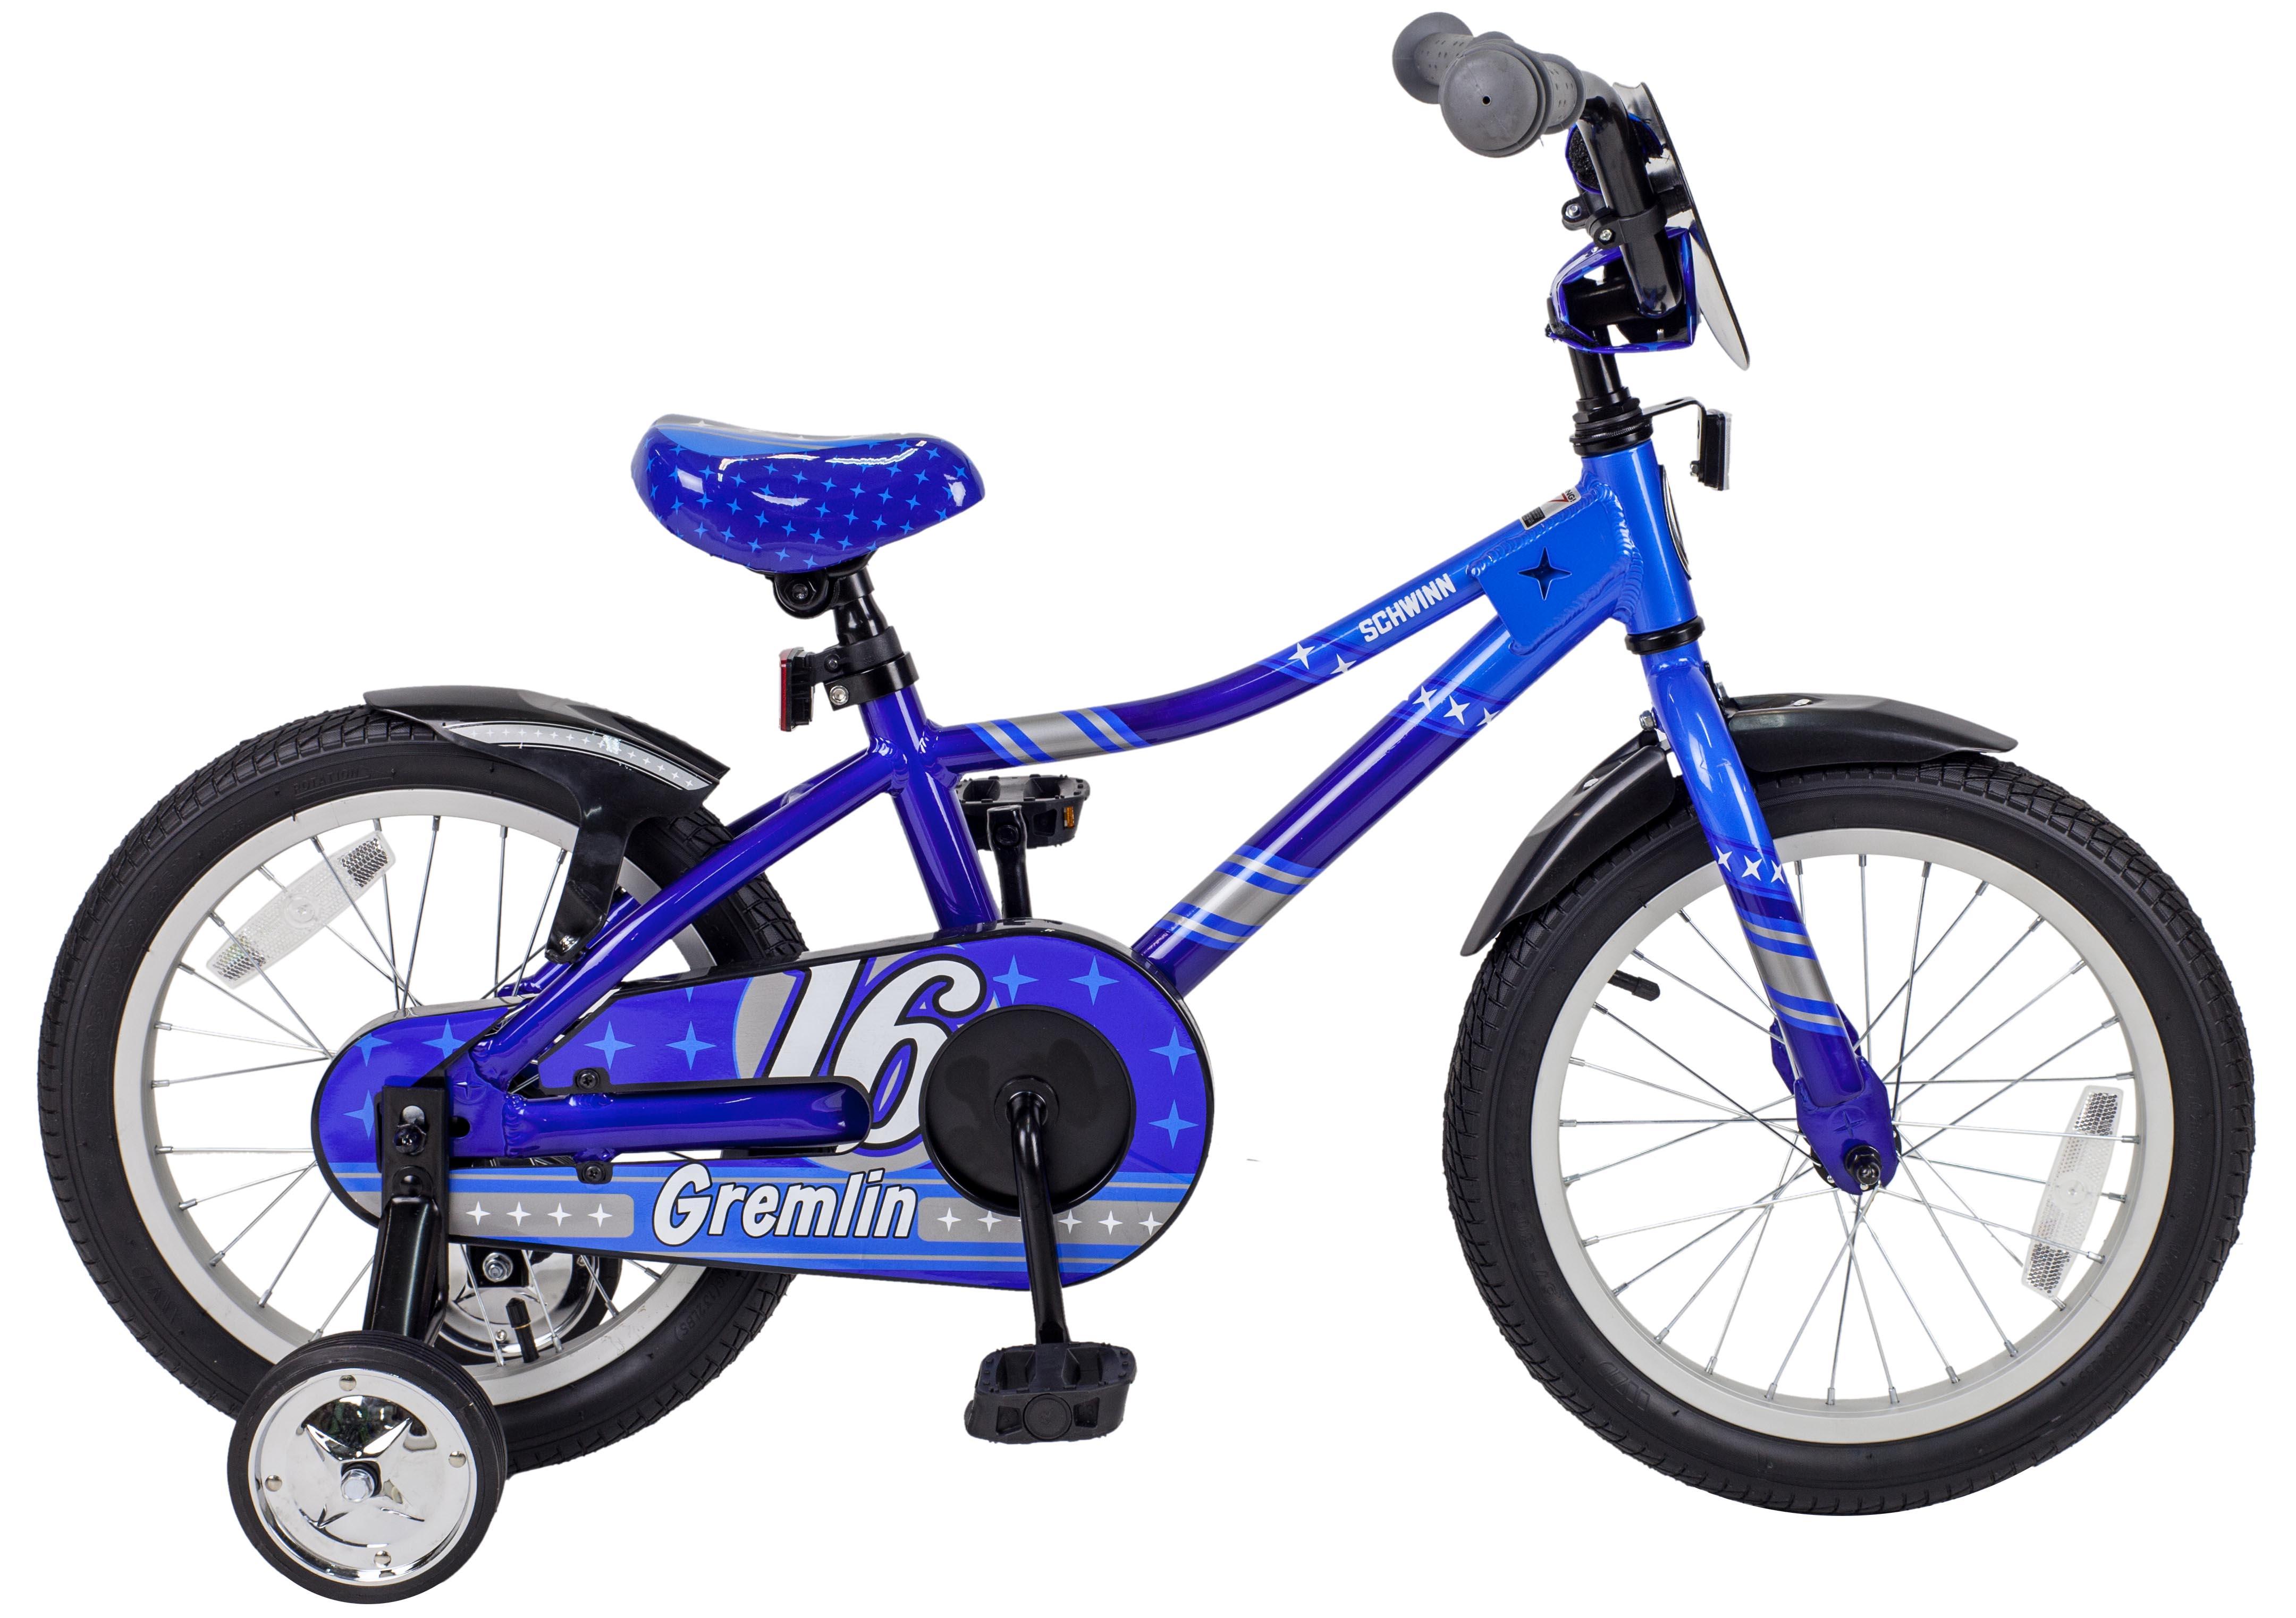 ������� ��������� Schwinn Gremlin, blue/light blue